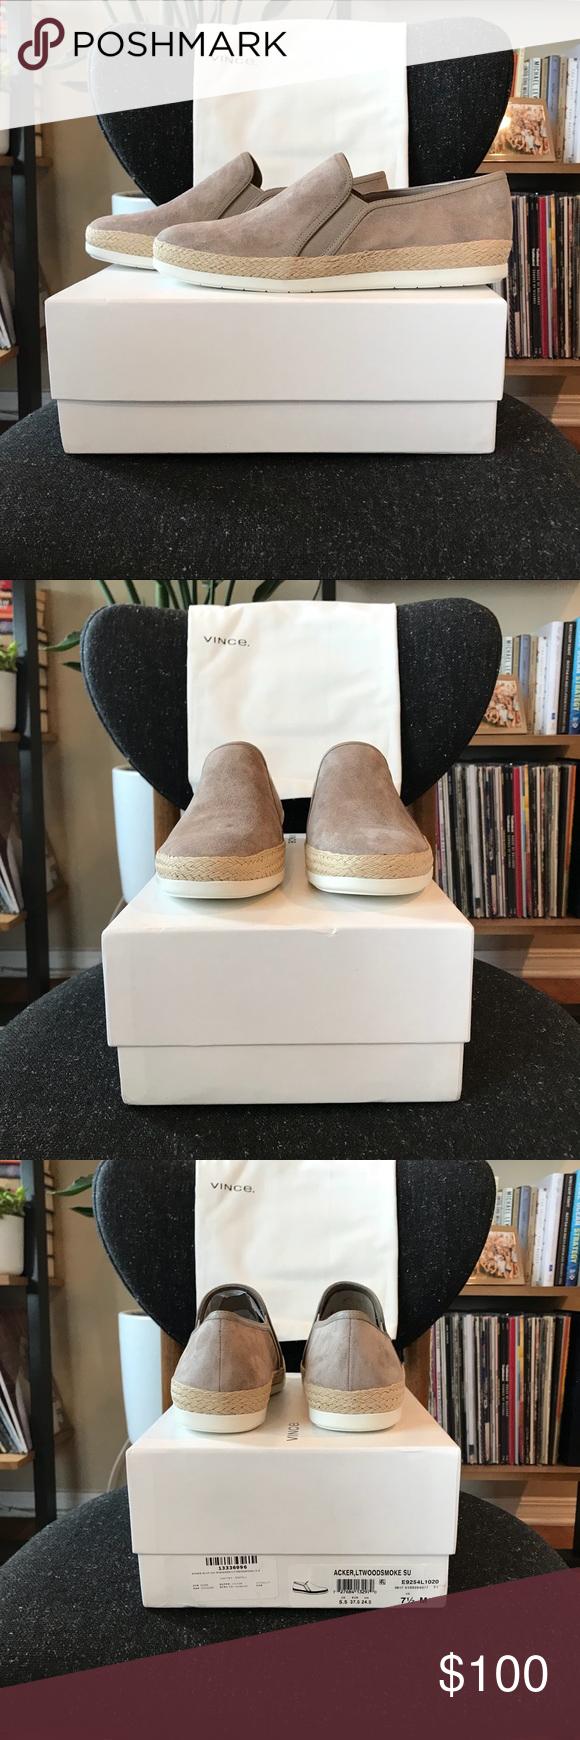 New In Box Acker Light Woodsmoke Slip-on Suede Sneaker Size 7.5 $225 Vince